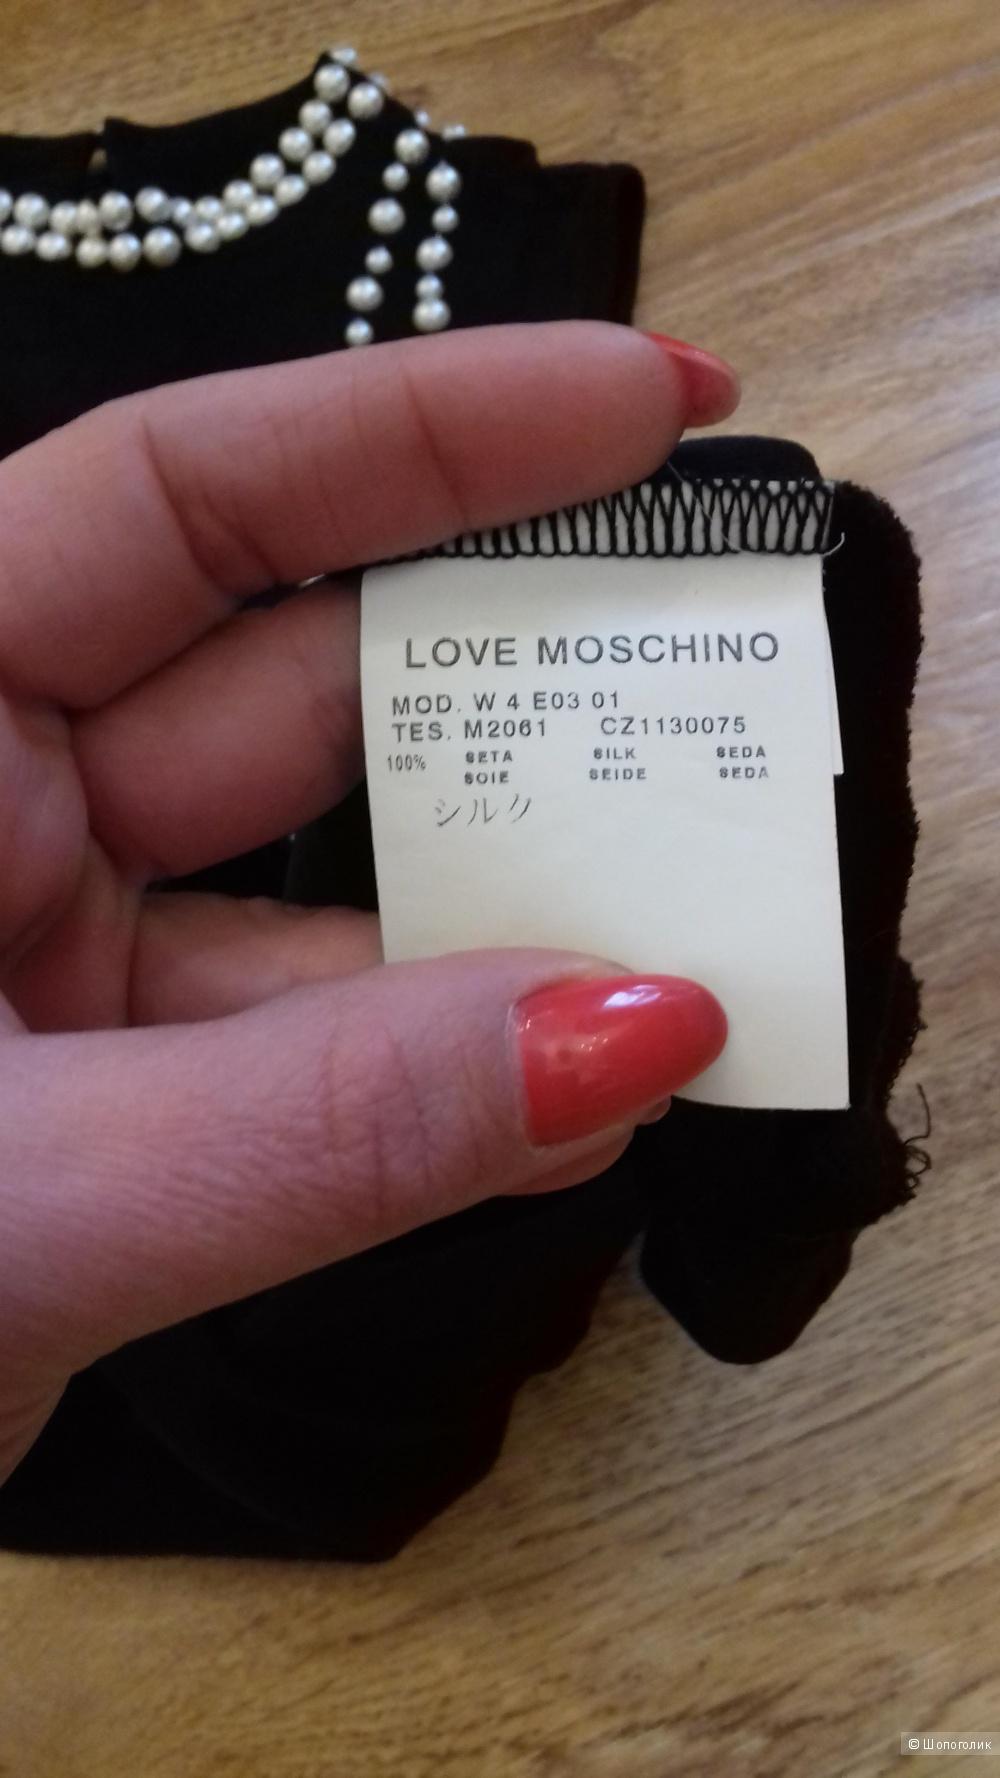 Шелковый топ LOVE MOSCHINO лимитированная коллекция, эксклюзив, 100%оригинал, 38IT